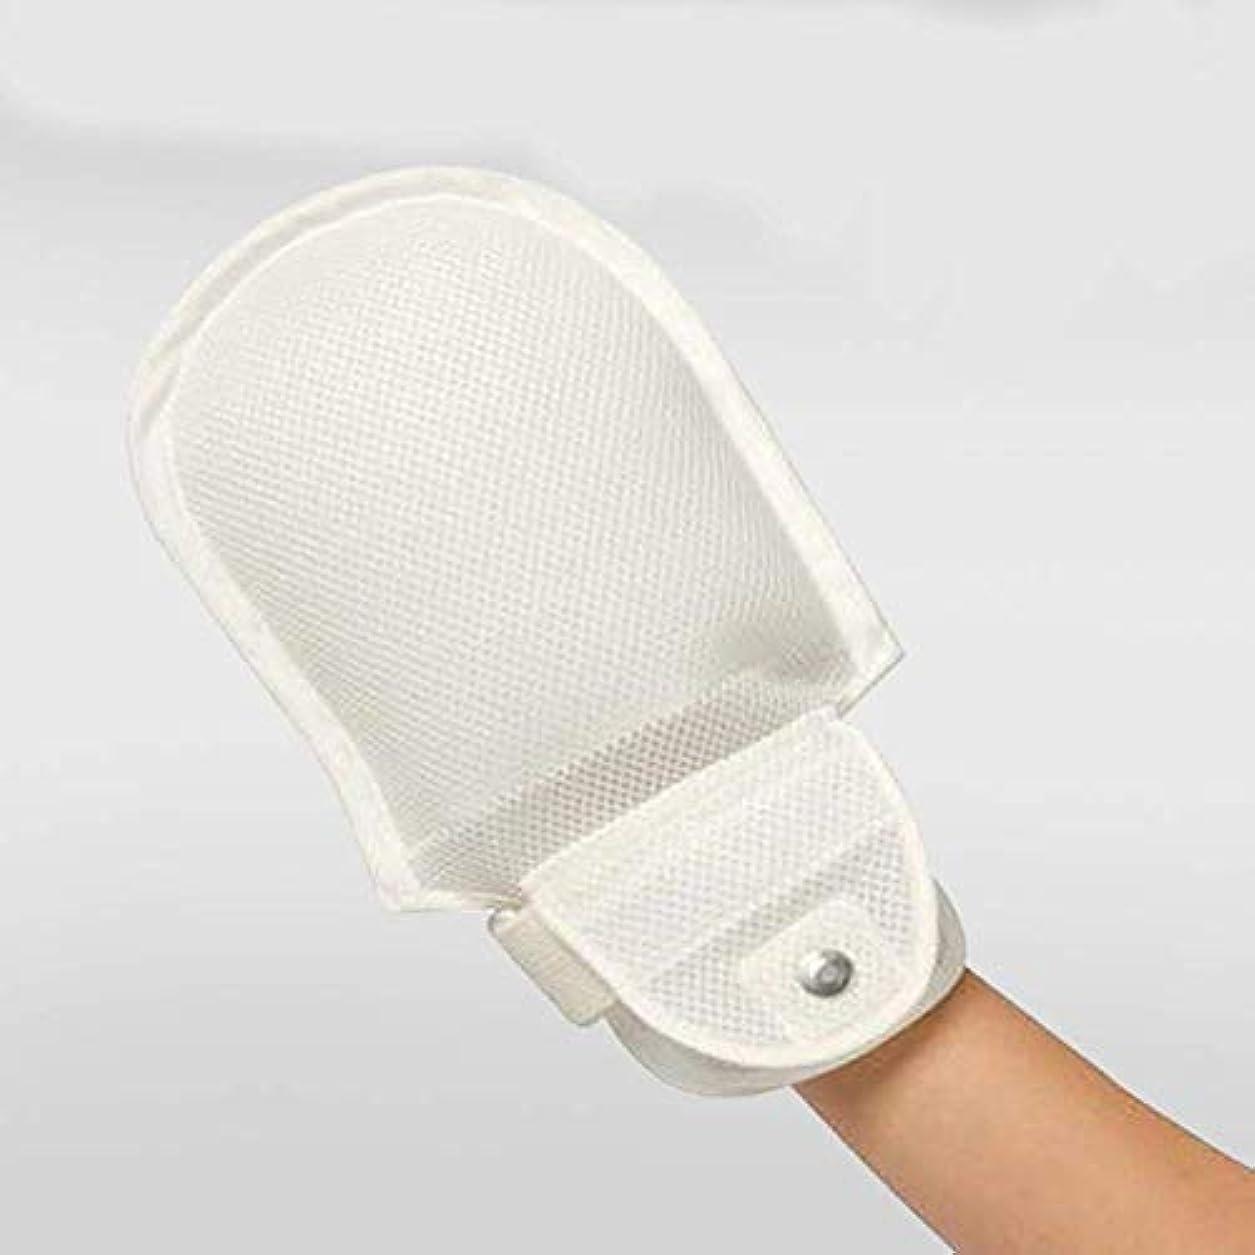 欺信じるホストフィンガーコントロールミット、手の拘束、認知症安全拘束手袋ハンドプロテクターを保護します。 (2PCS)